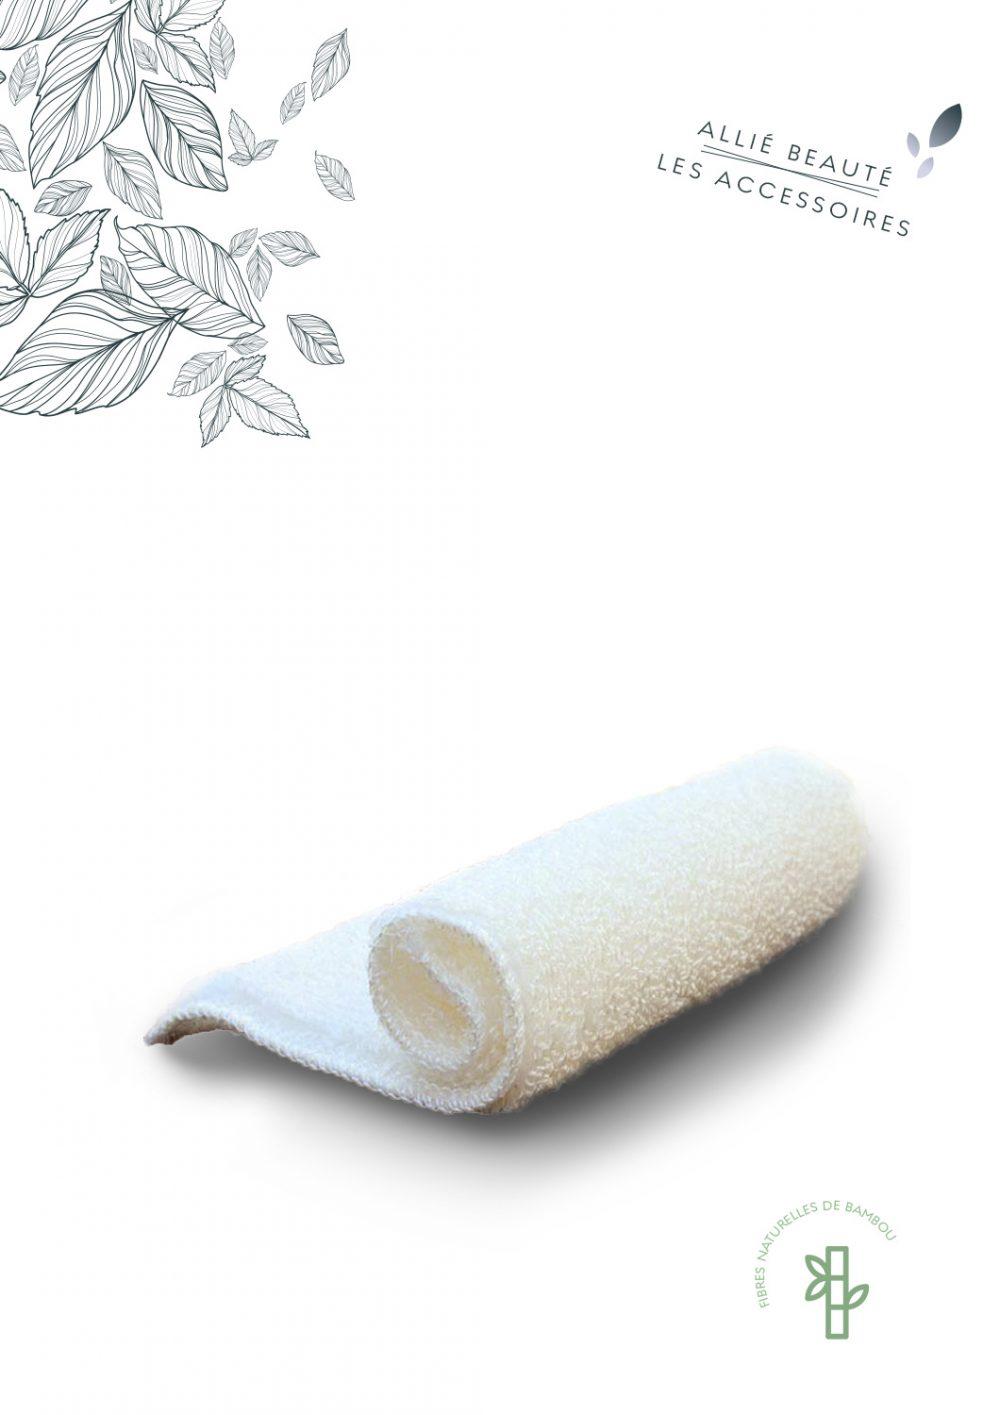 serviette en bambou spécial visage